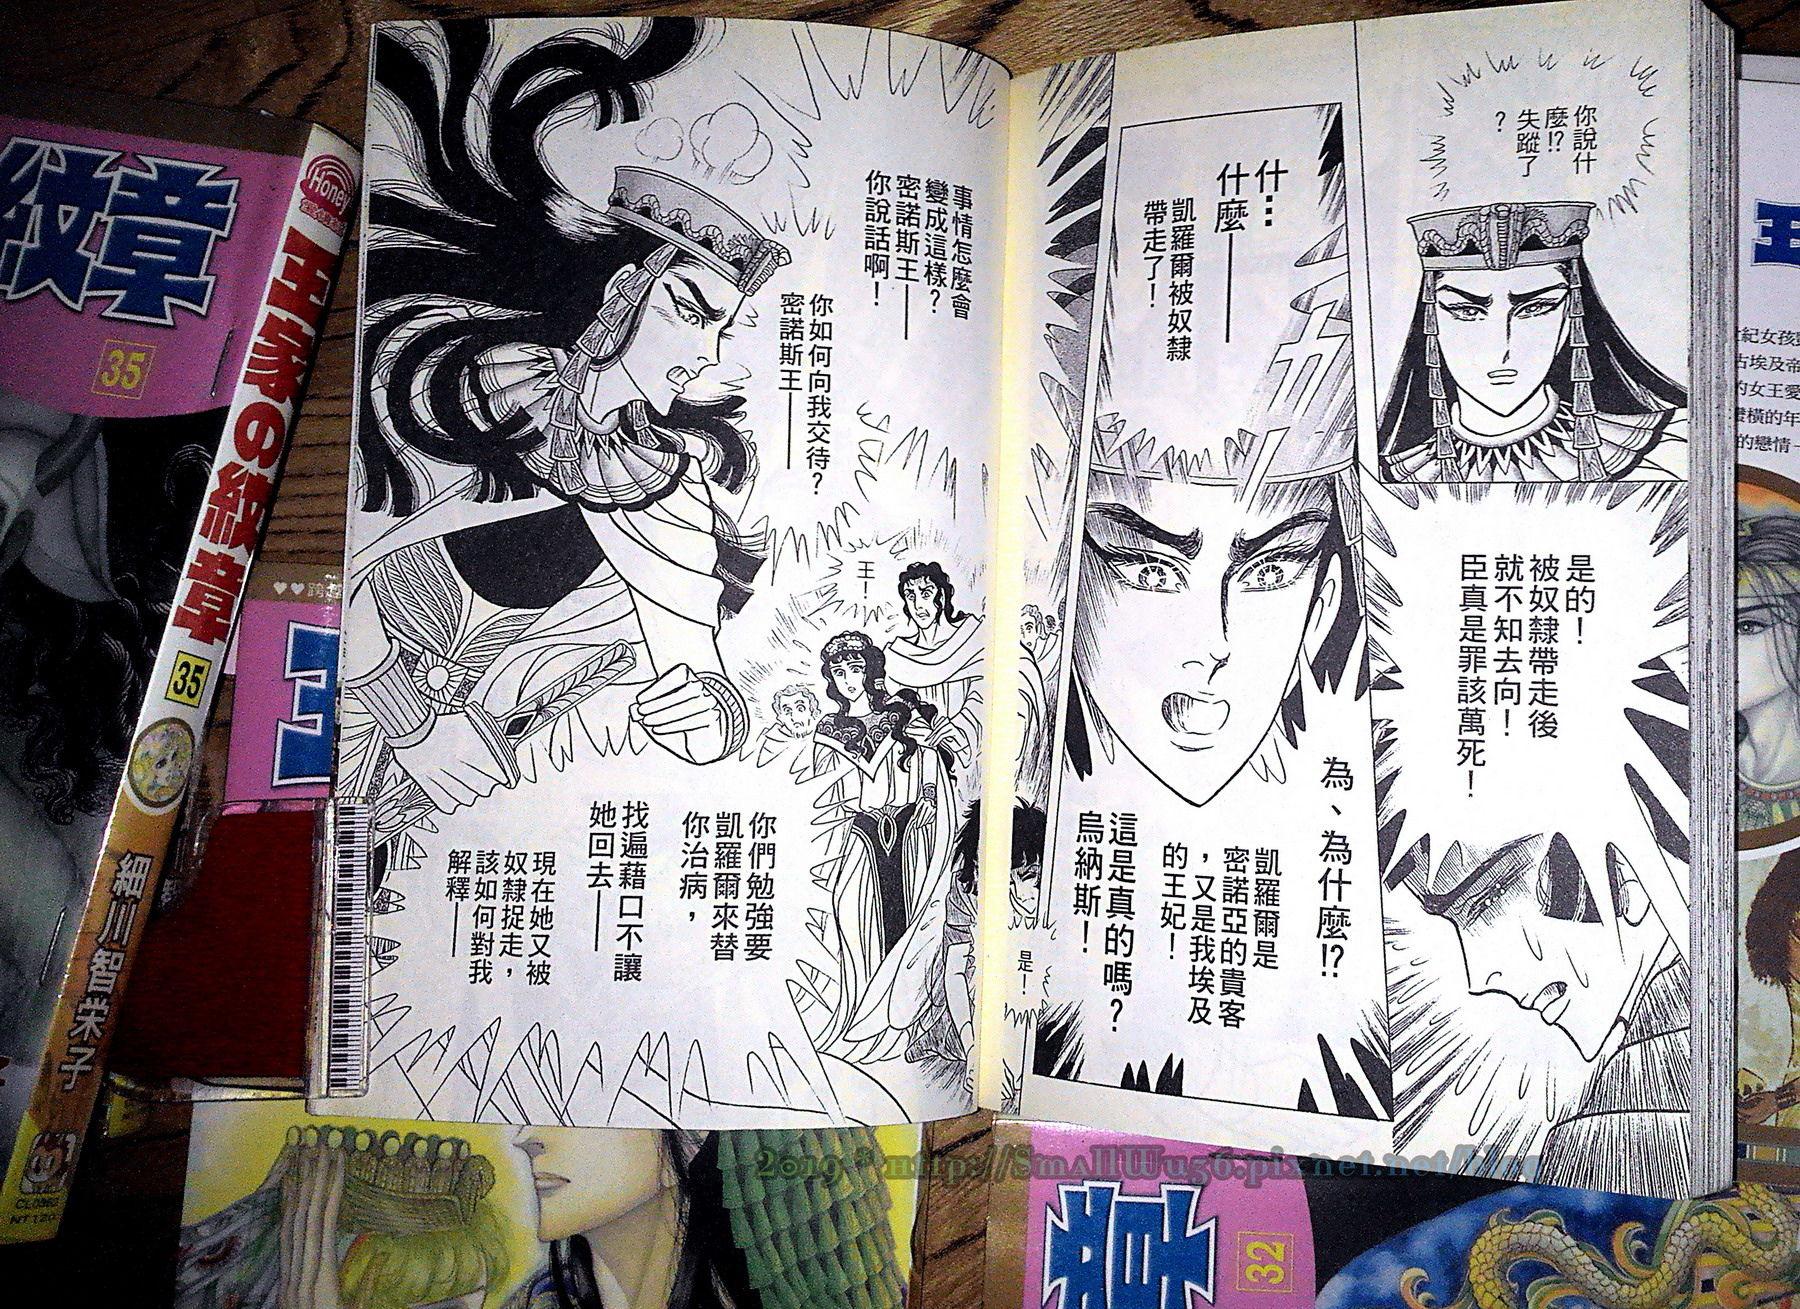 細川智榮子-王家的紋章(尼羅河女兒) 36-37 (長鴻)  vol_37.jpg